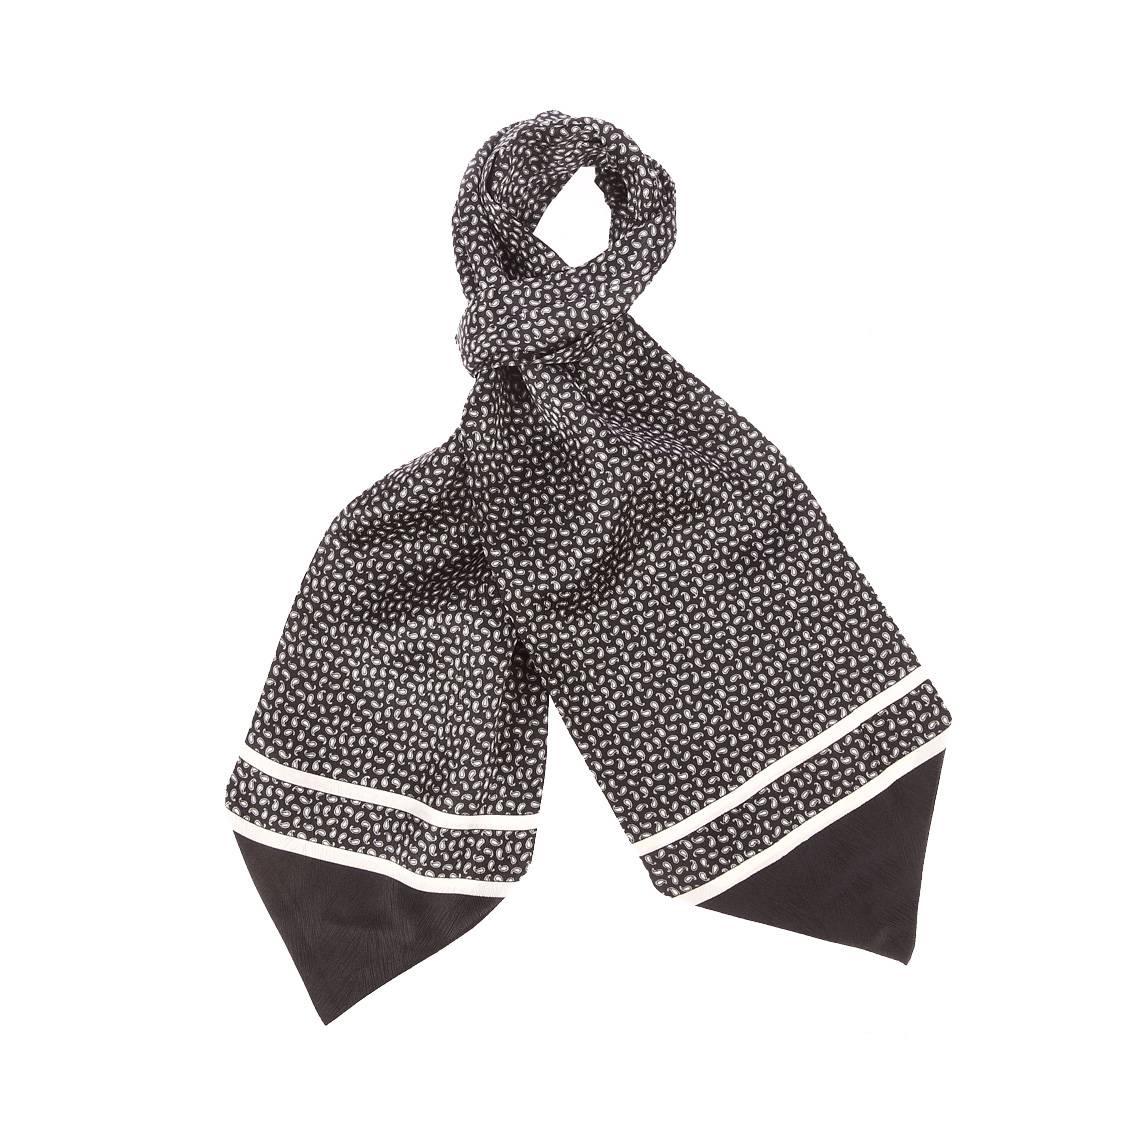 Foulard ascot à nouer en soie  noire à motifs cachemires blancs